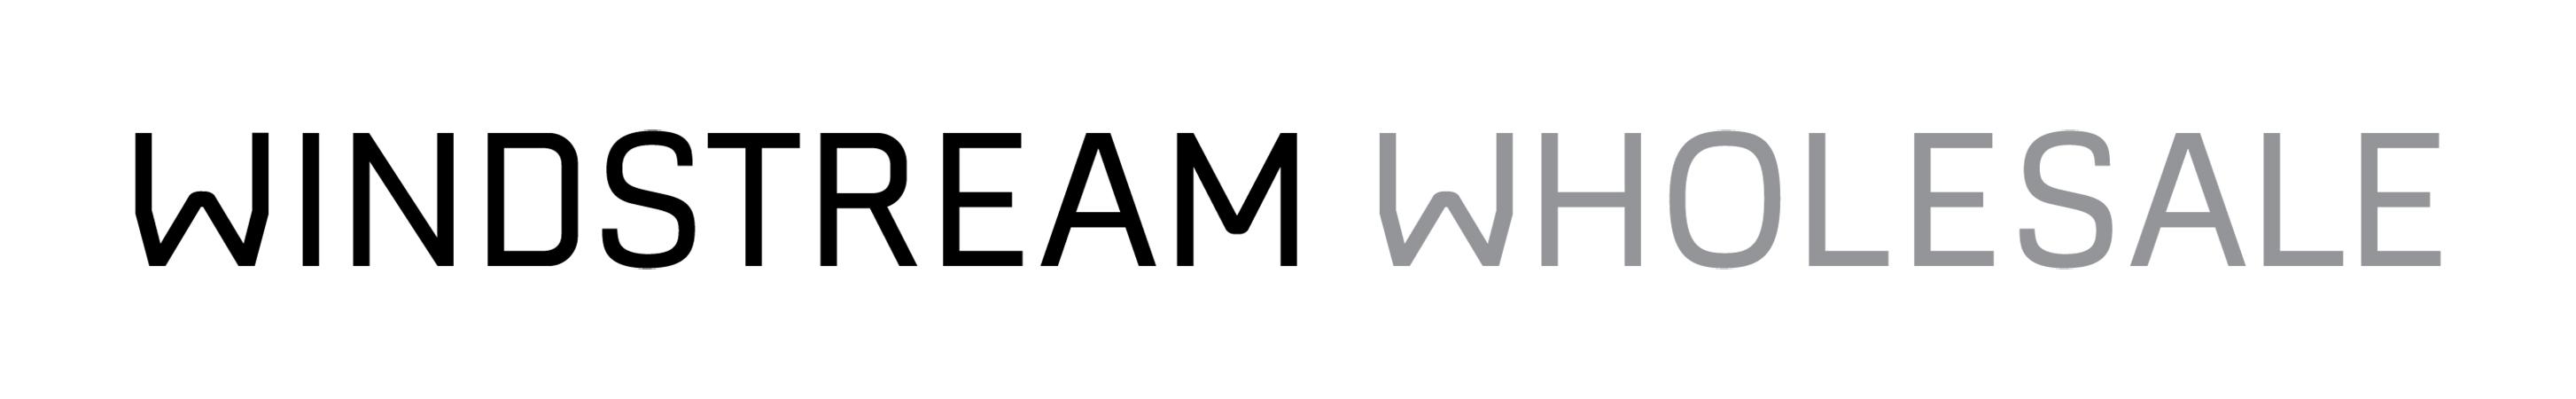 WinWhole_Logo_Hor_B